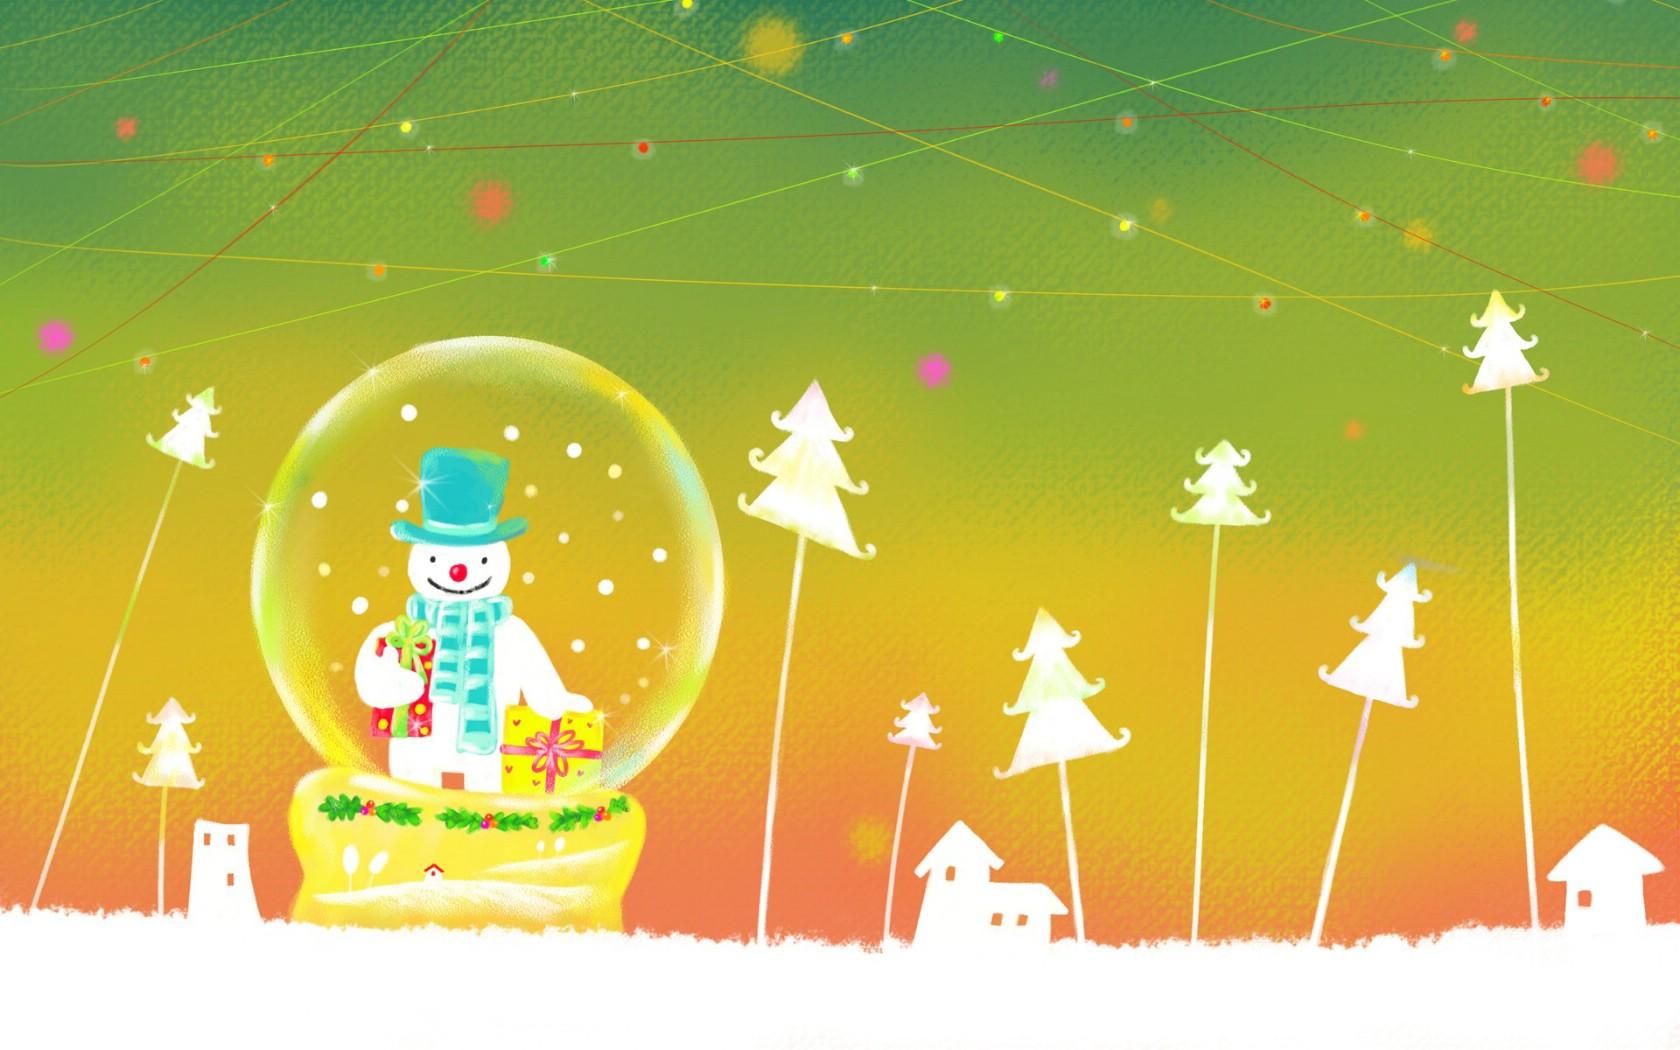 可爱温馨圣诞壁纸壁纸图片节日壁纸节日图片素材桌面